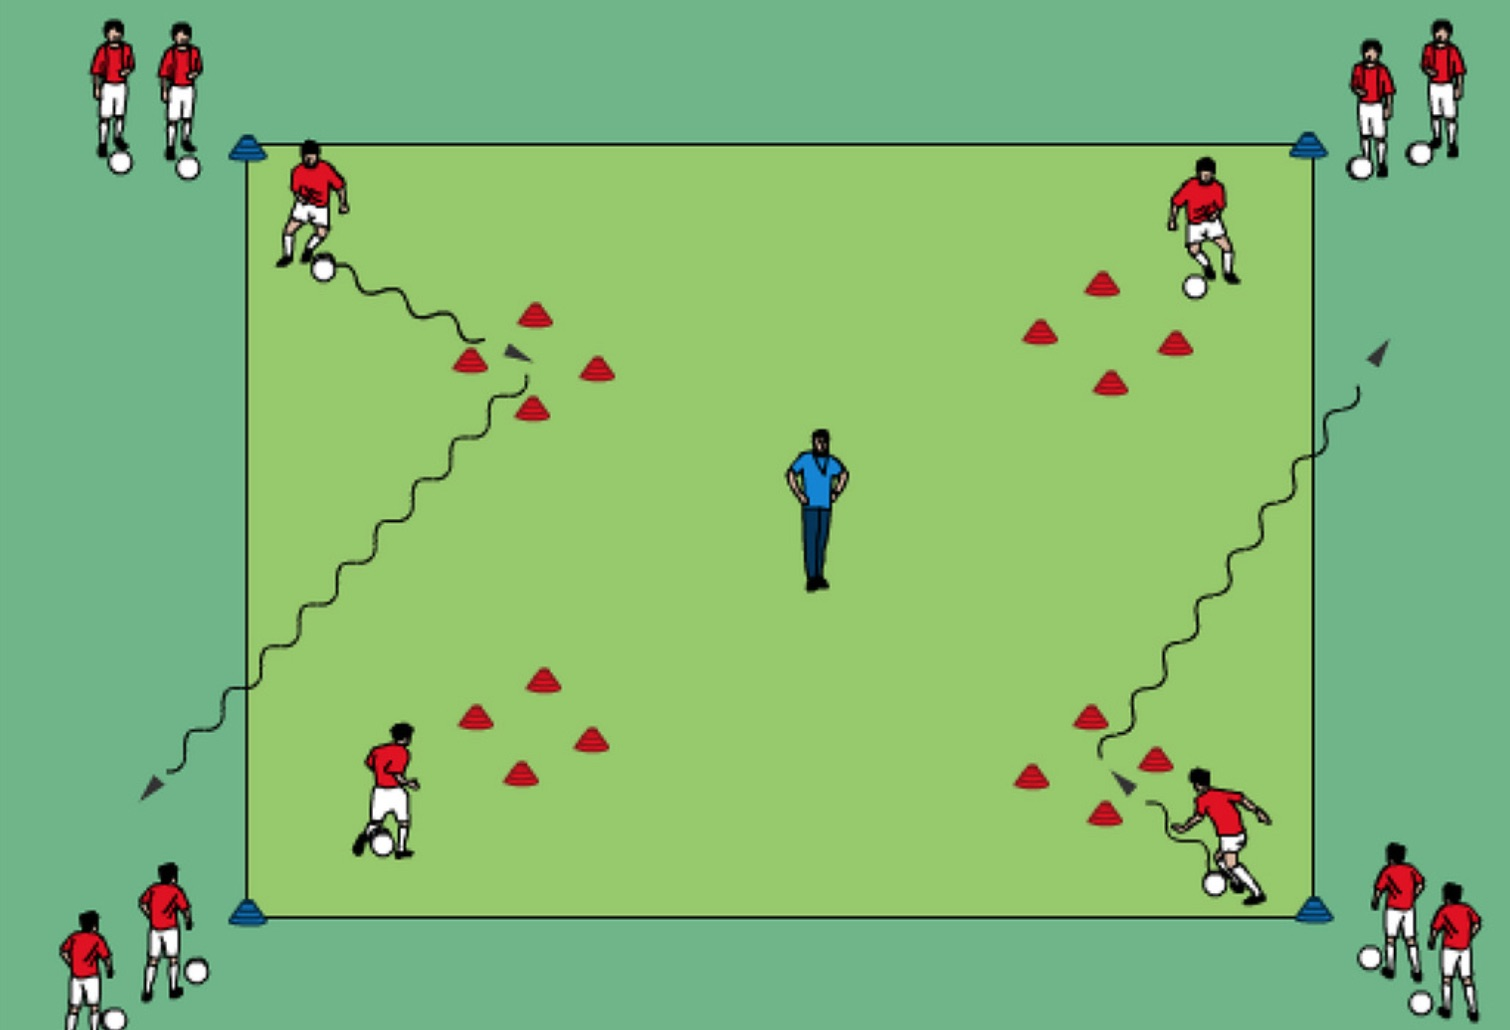 giovanissimi calcio esercitazione